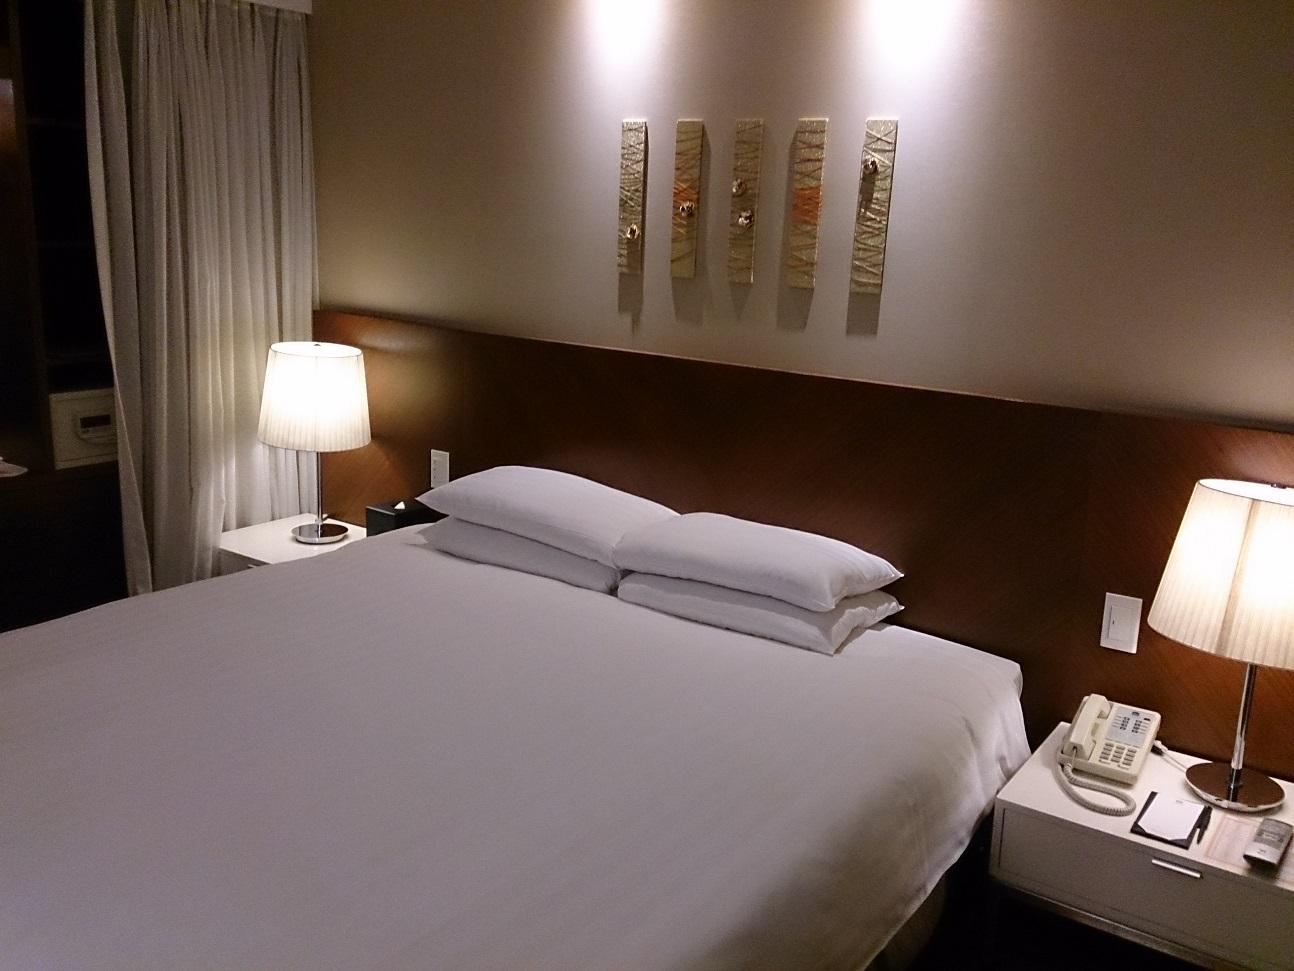 ソウルのホテル情報 国都ホテル(BEST WESTERN PREMIER HOTEL KUKDO)_b0060363_23564235.jpg